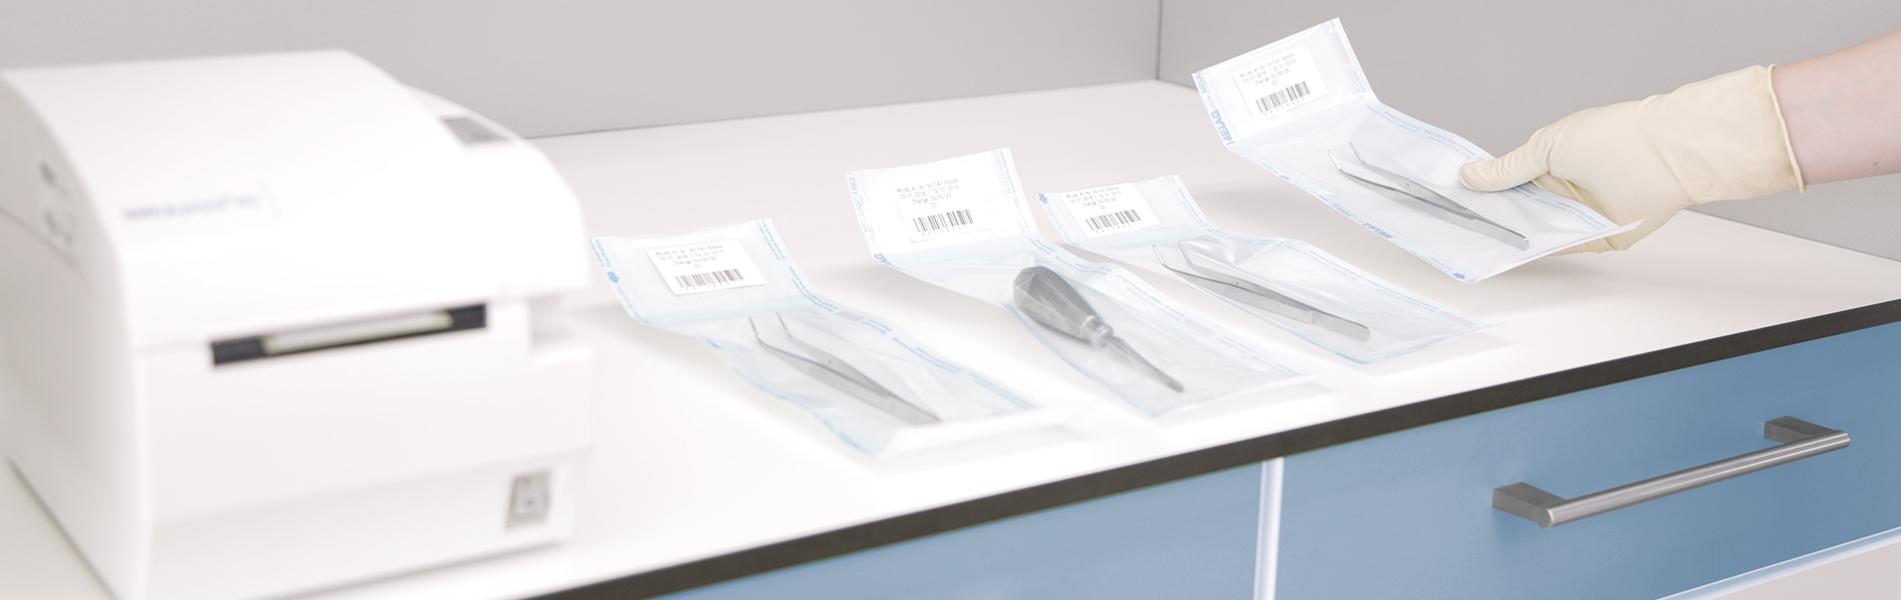 Pochettes scellées avec des instruments stériles sur la surface de travail dans la salle de stérilisation